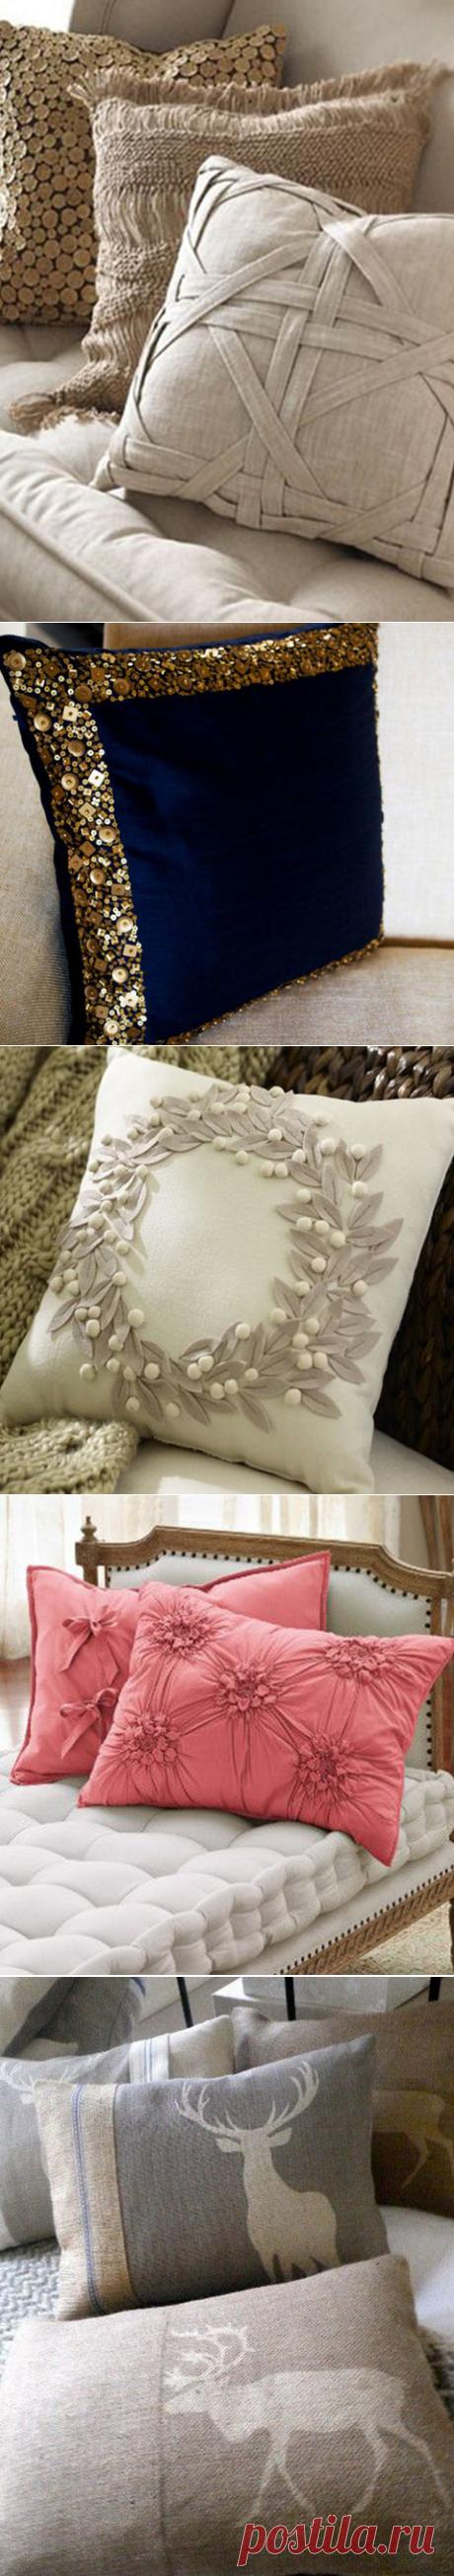 21 восхитительная идея создания декоративных подушек. Это под силу даже тем, кто не умеет шить. — HandMade